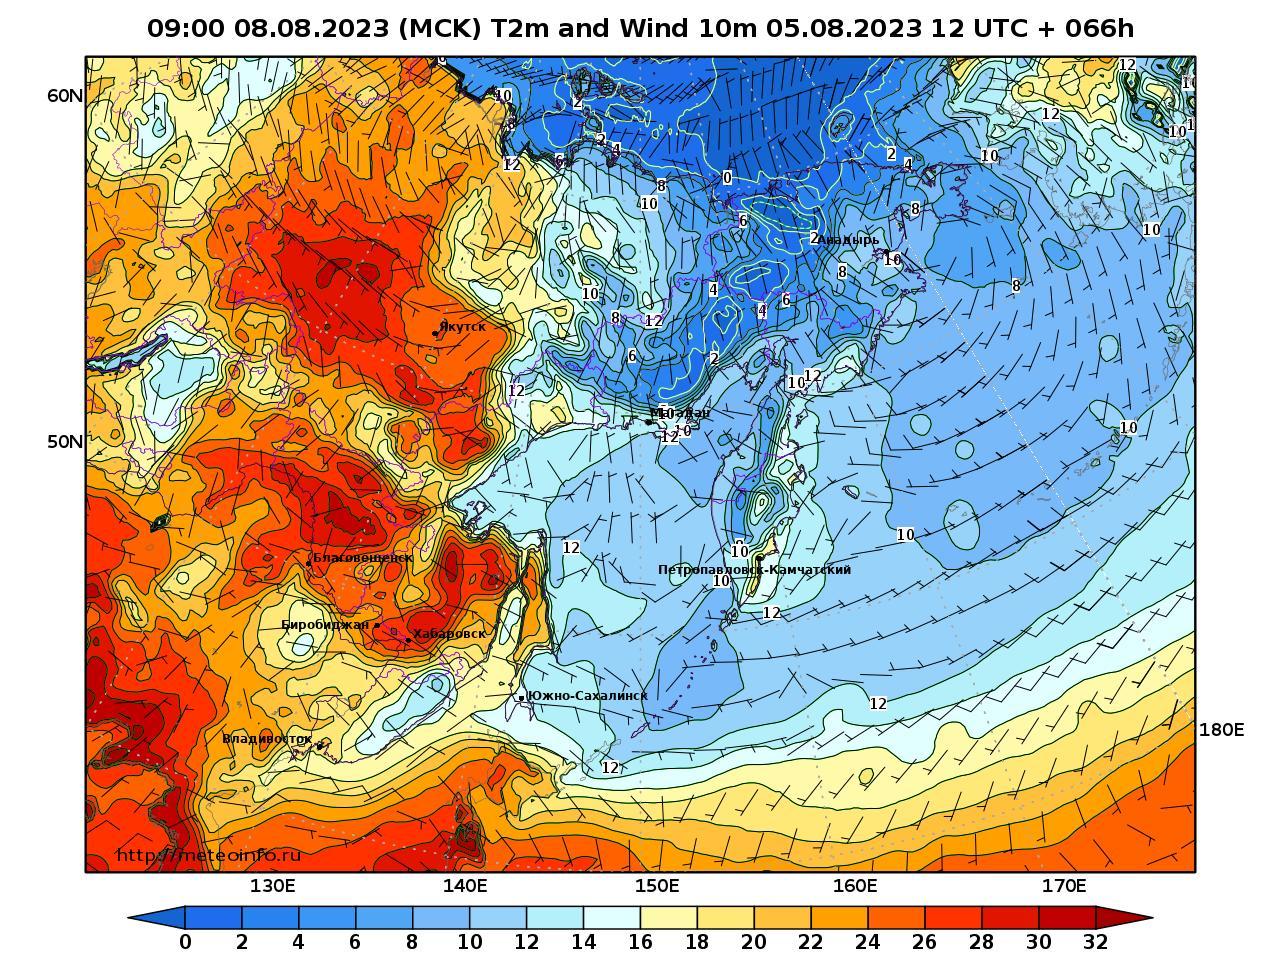 Дальний Восток, прогностическая карта приземная температура, заблаговременность прогноза 66 часов